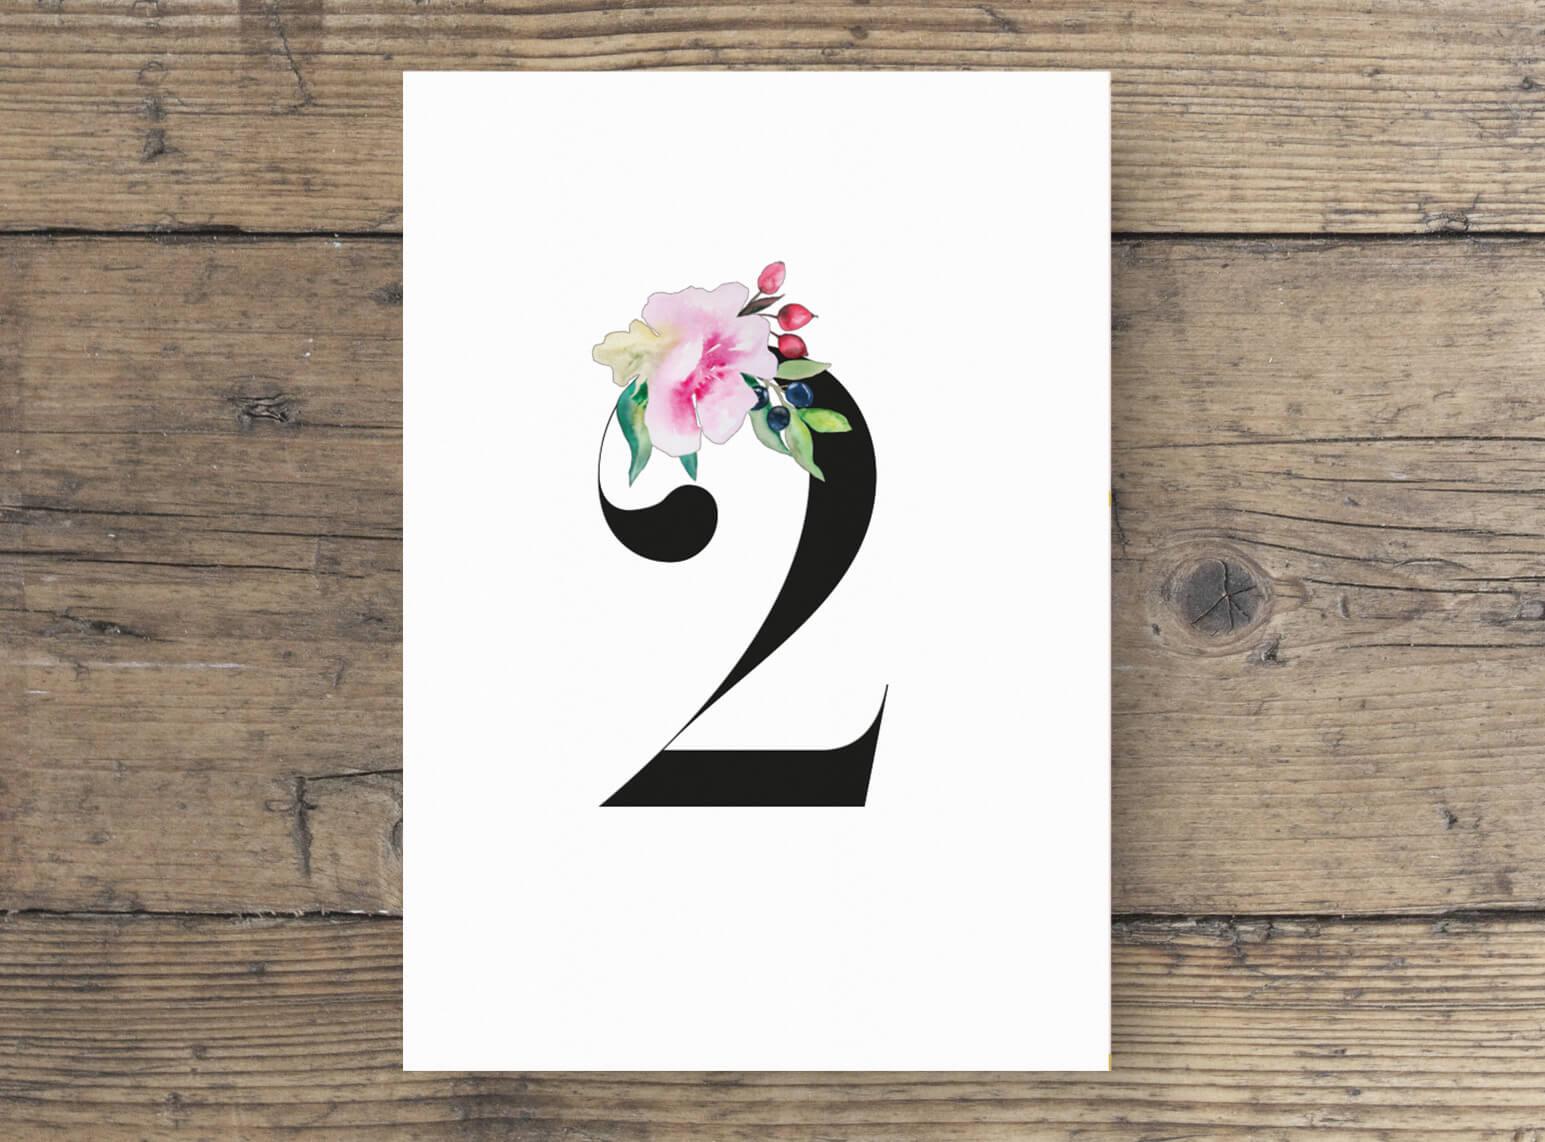 Tischnummern Hochzeit Aquarellfarben, romantisches Design, Blumen verziert